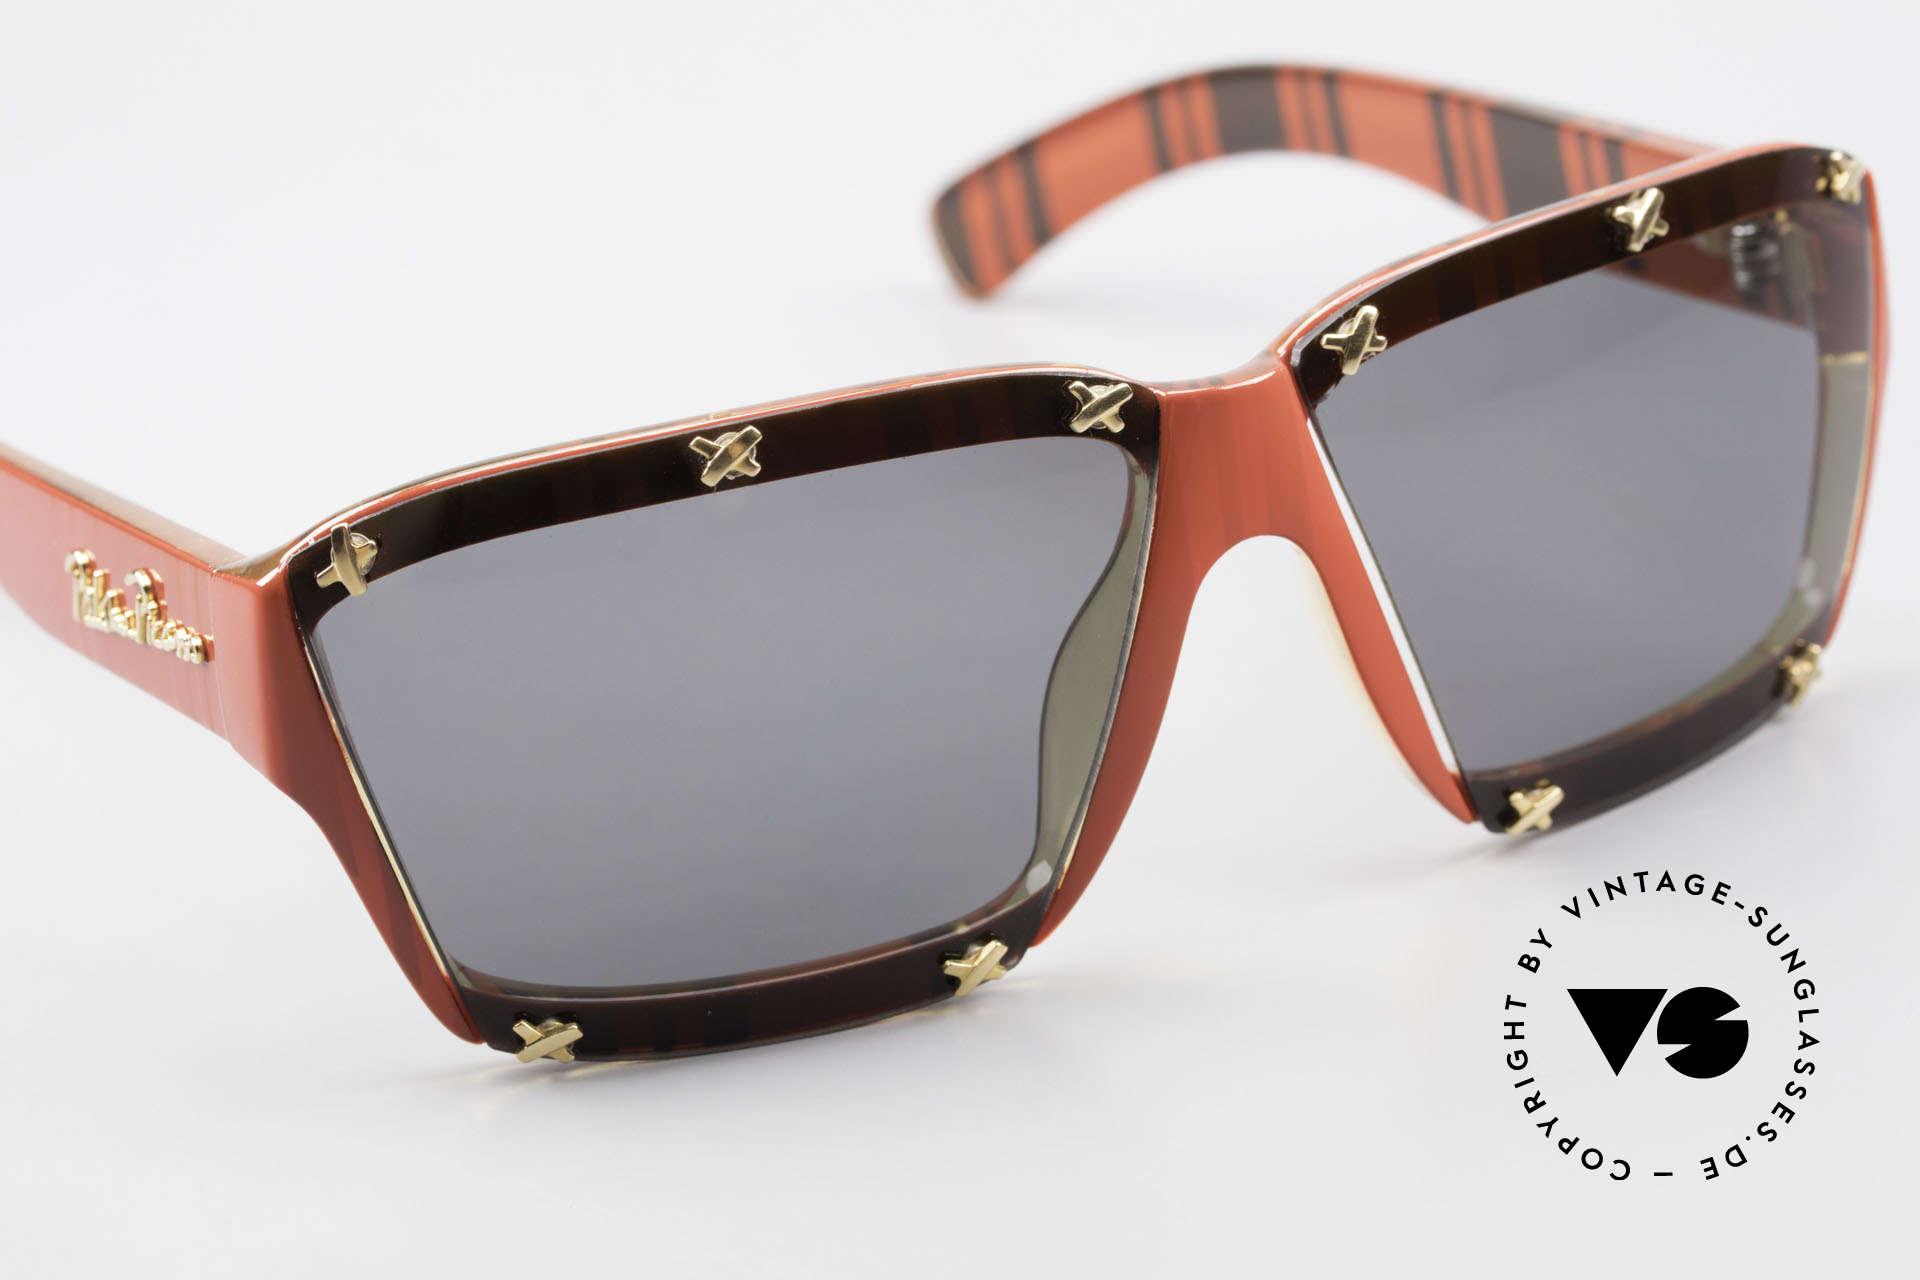 Paloma Picasso 3702 No Retro Sonnenbrille Damen, ungetragen; wie alle unsere 90er vintage 'Schätze', Passend für Damen